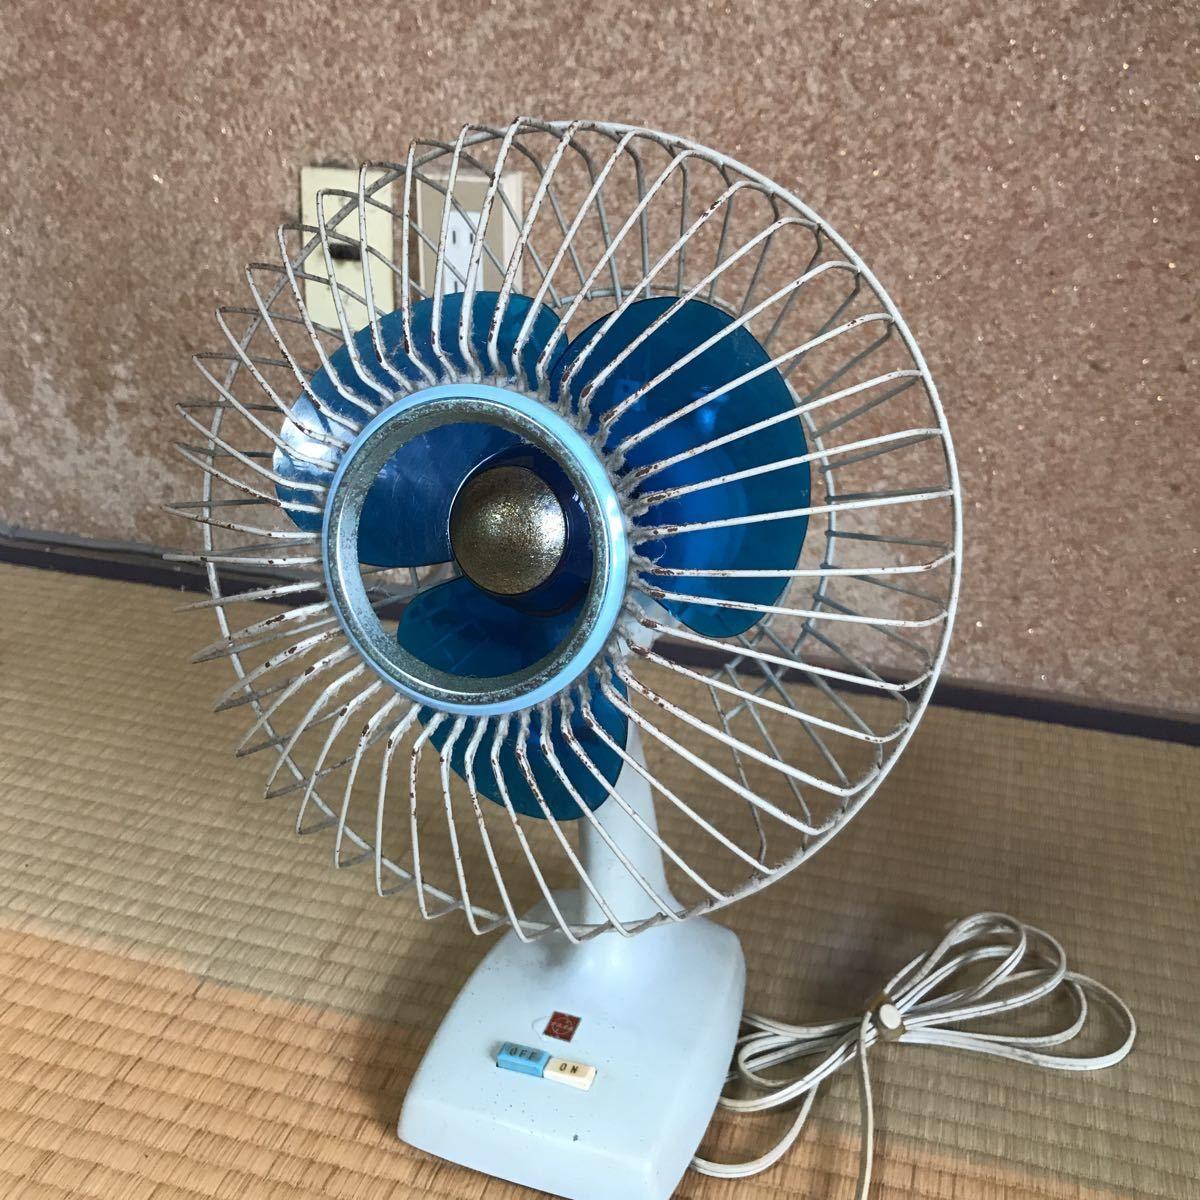 昭和レトロ レトロポップなインテリア 雑貨 昭和レトロ レトロ 扇風機